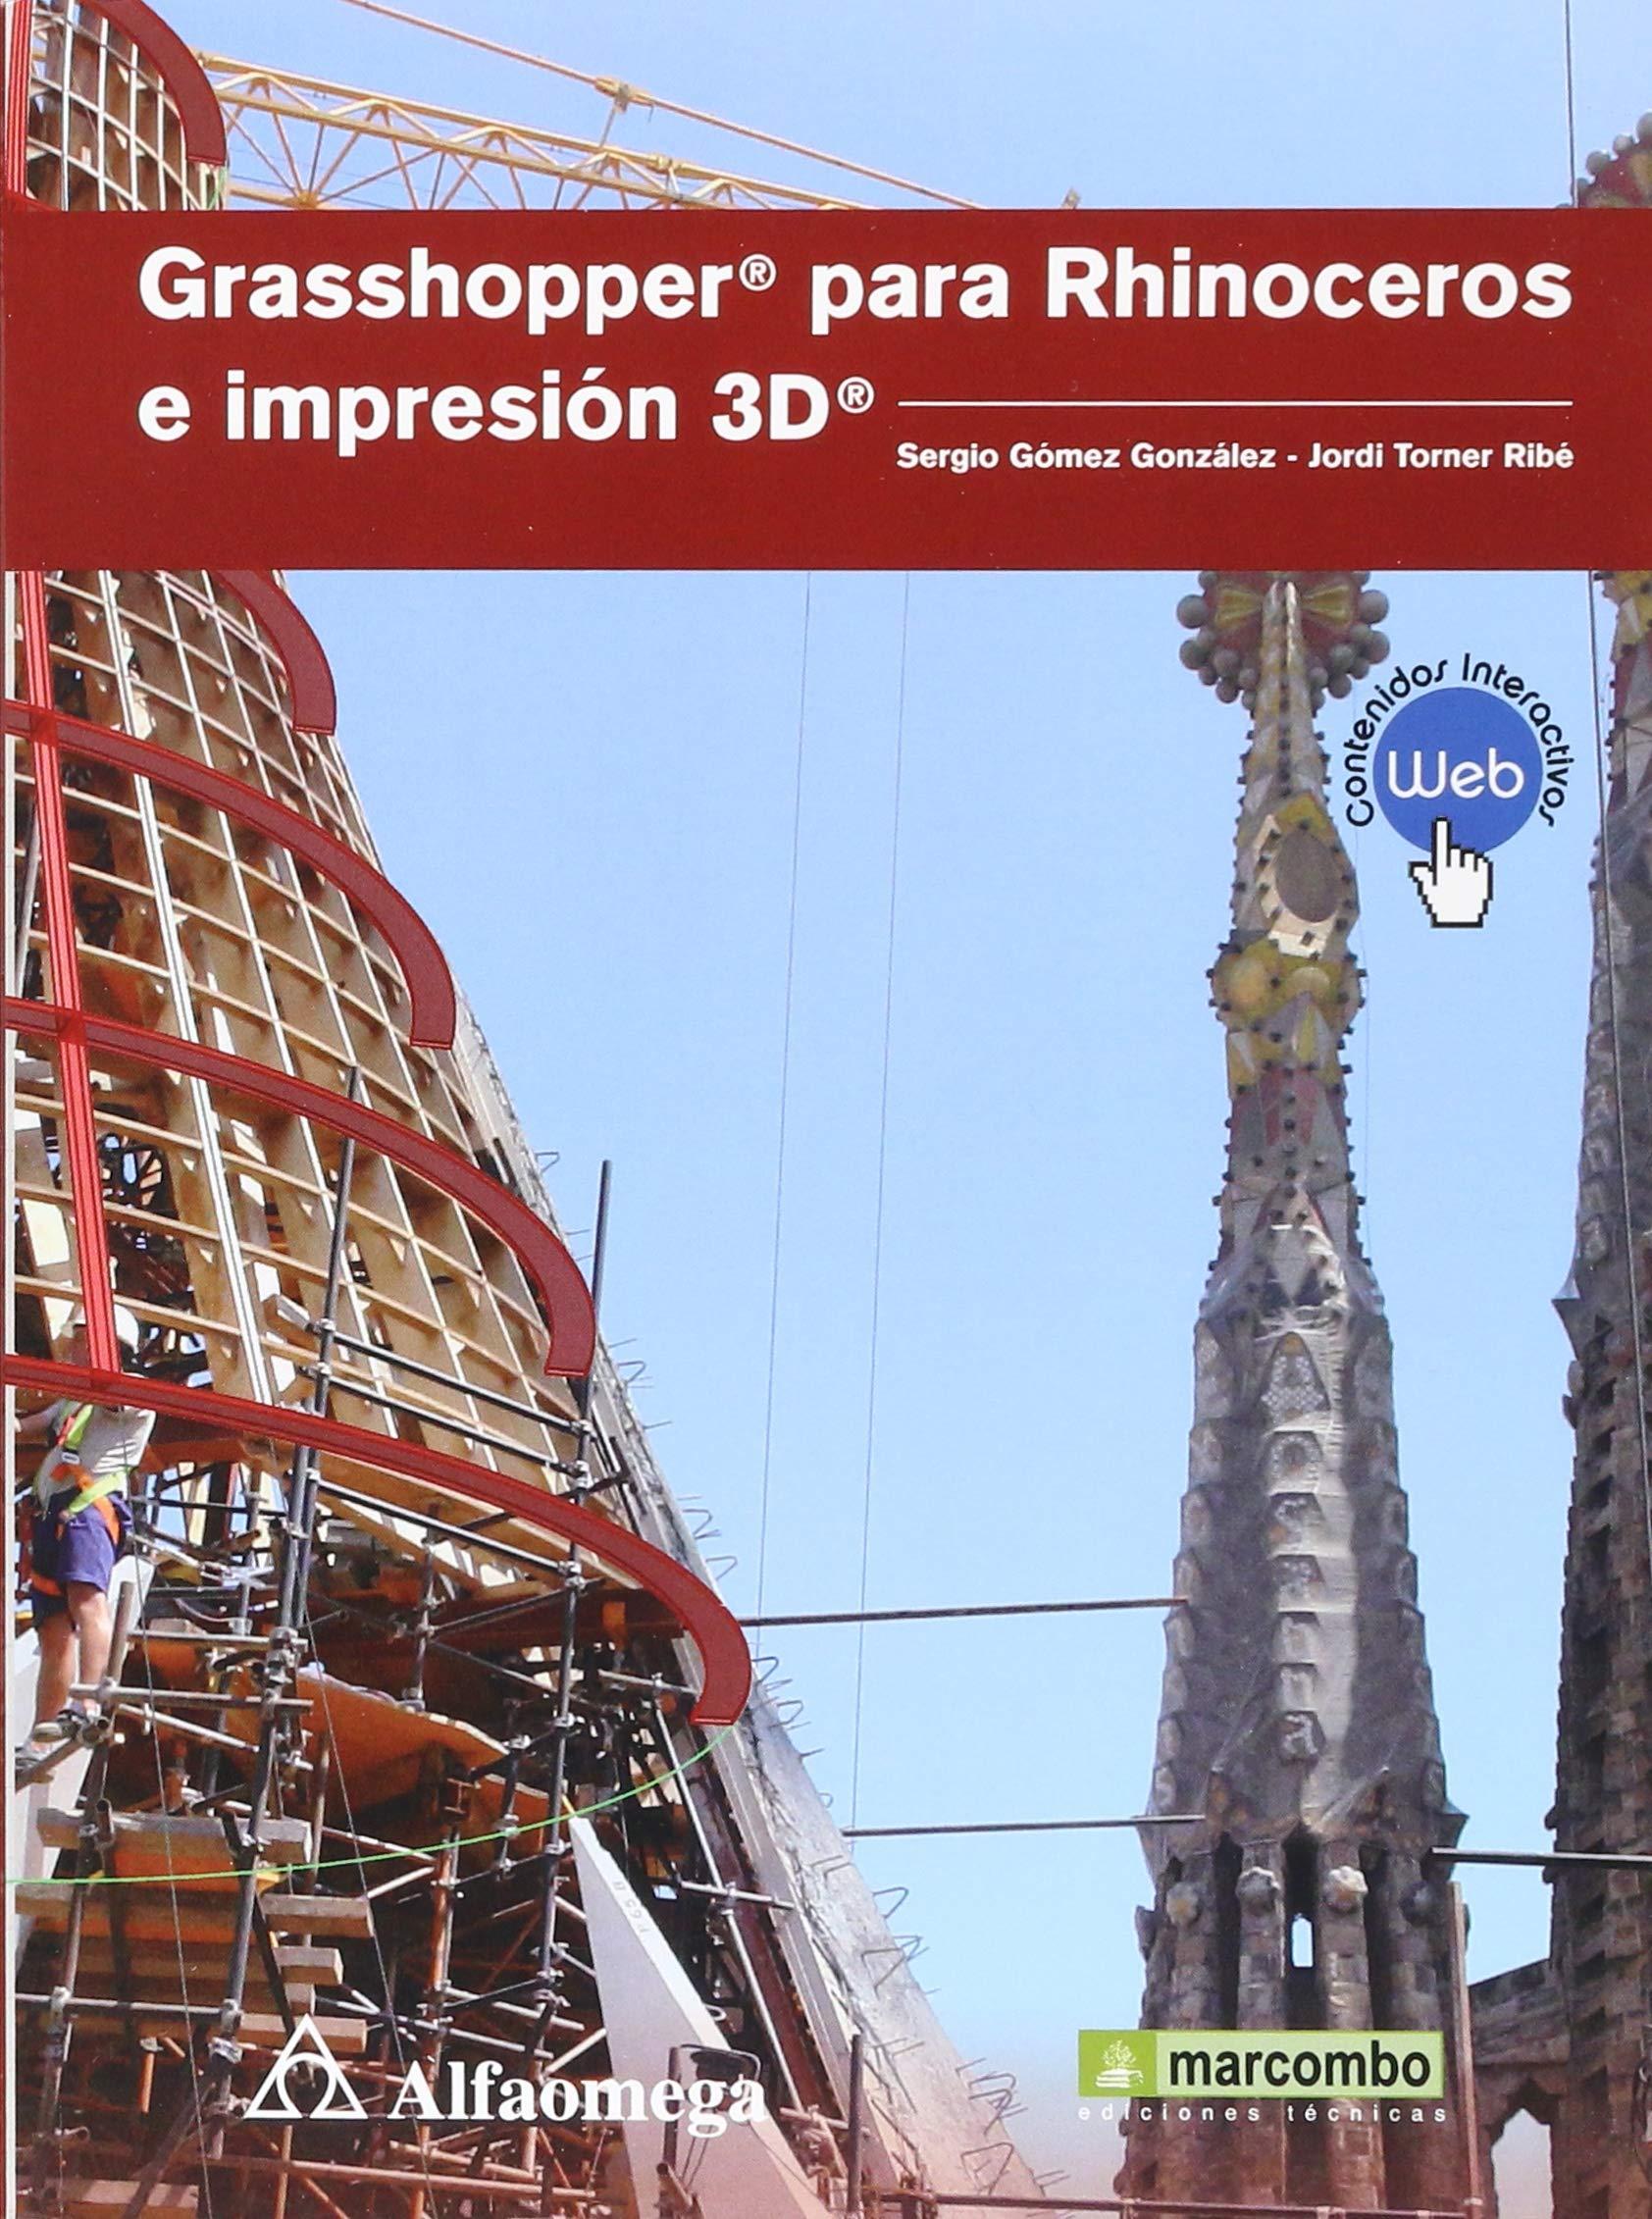 GRASSHOPPER PARA RHINOCEROS E IMPRESION 3D. MEDIAactive ...